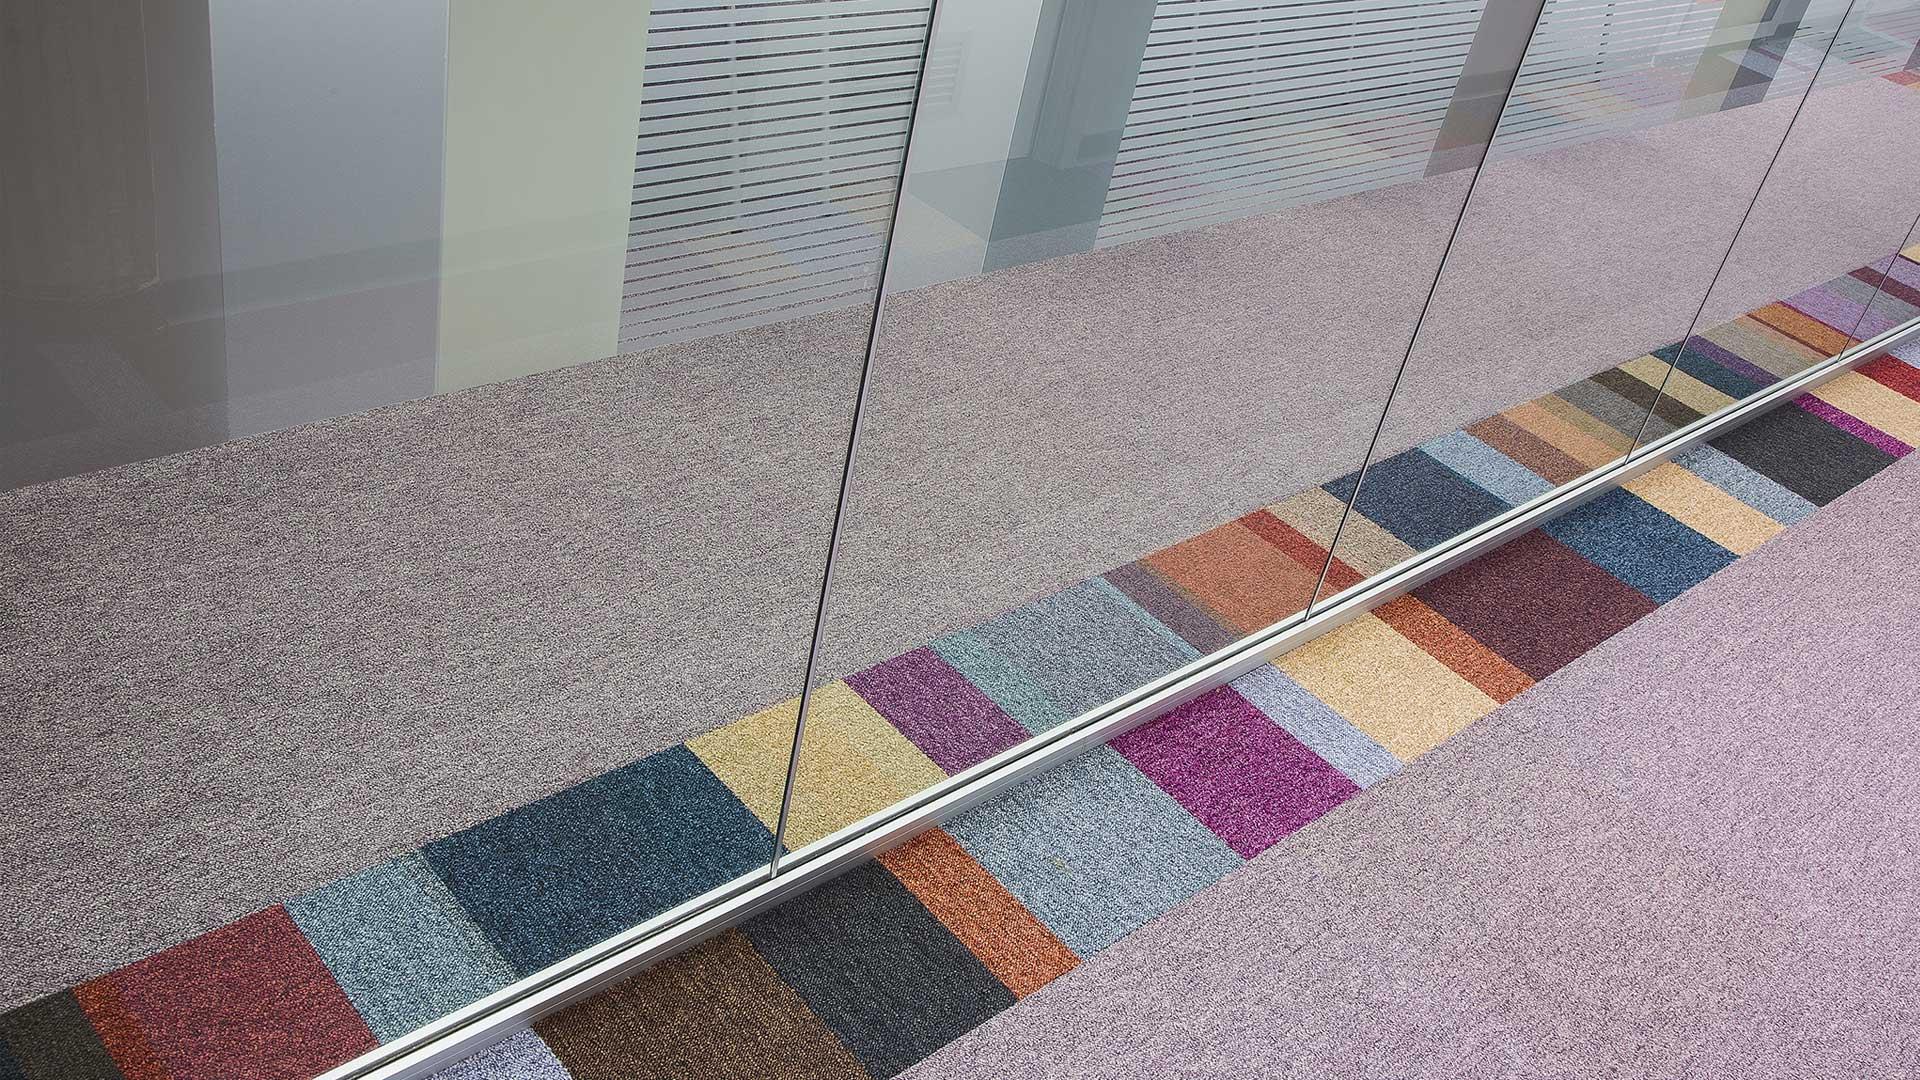 isolamento-acustico-moquette-level-office-landscape-uffici-indra